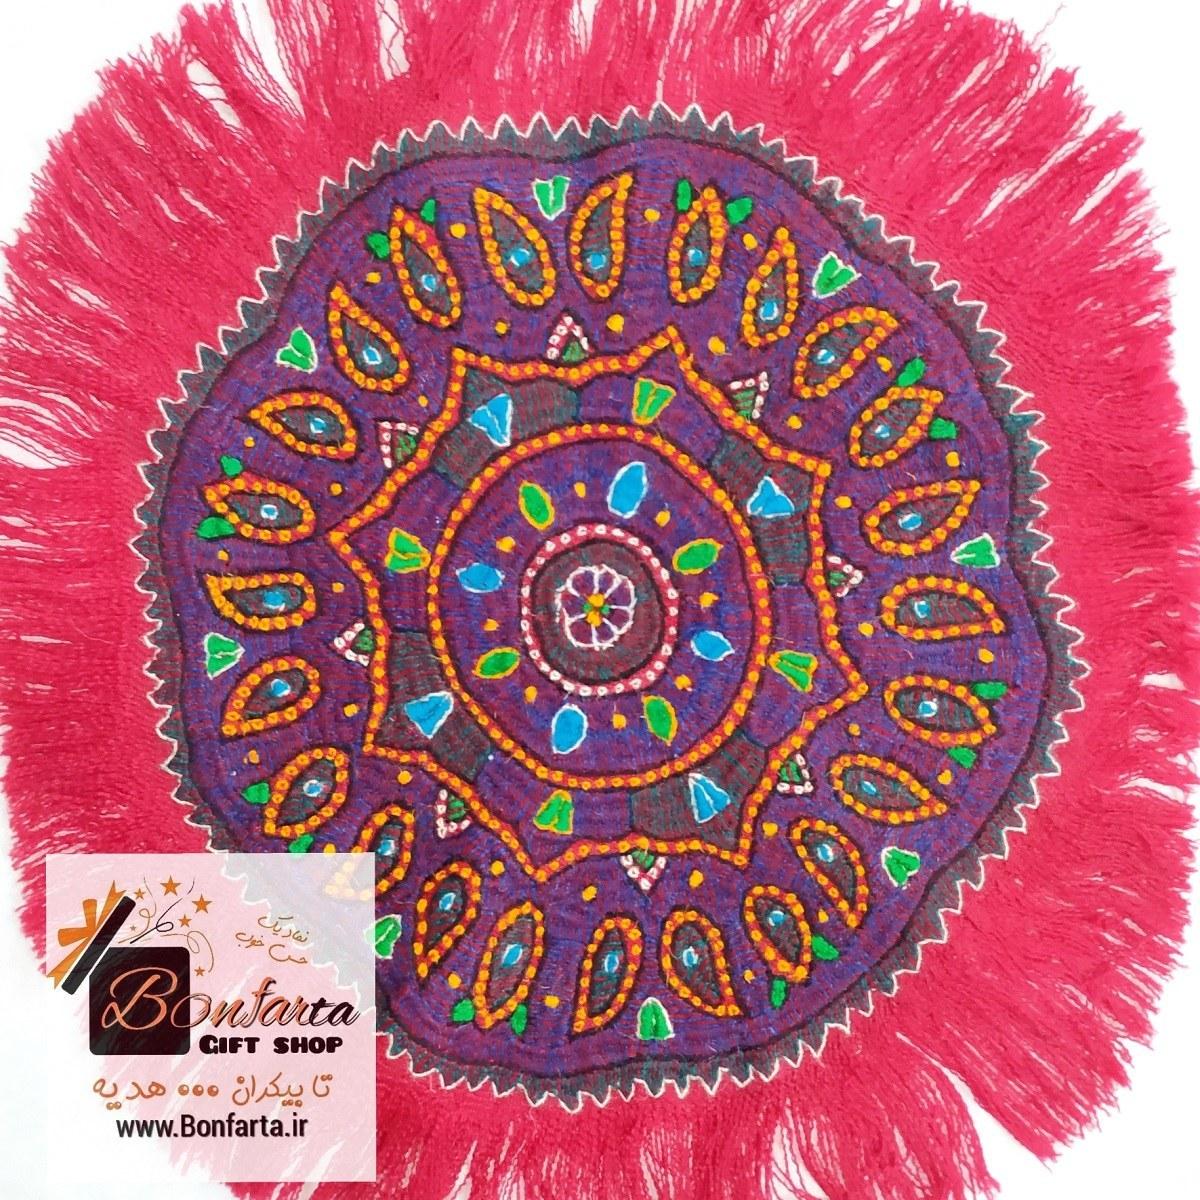 تصویر رومیزی گرد پته کرمان طرح ترنج قرمز بزرگ